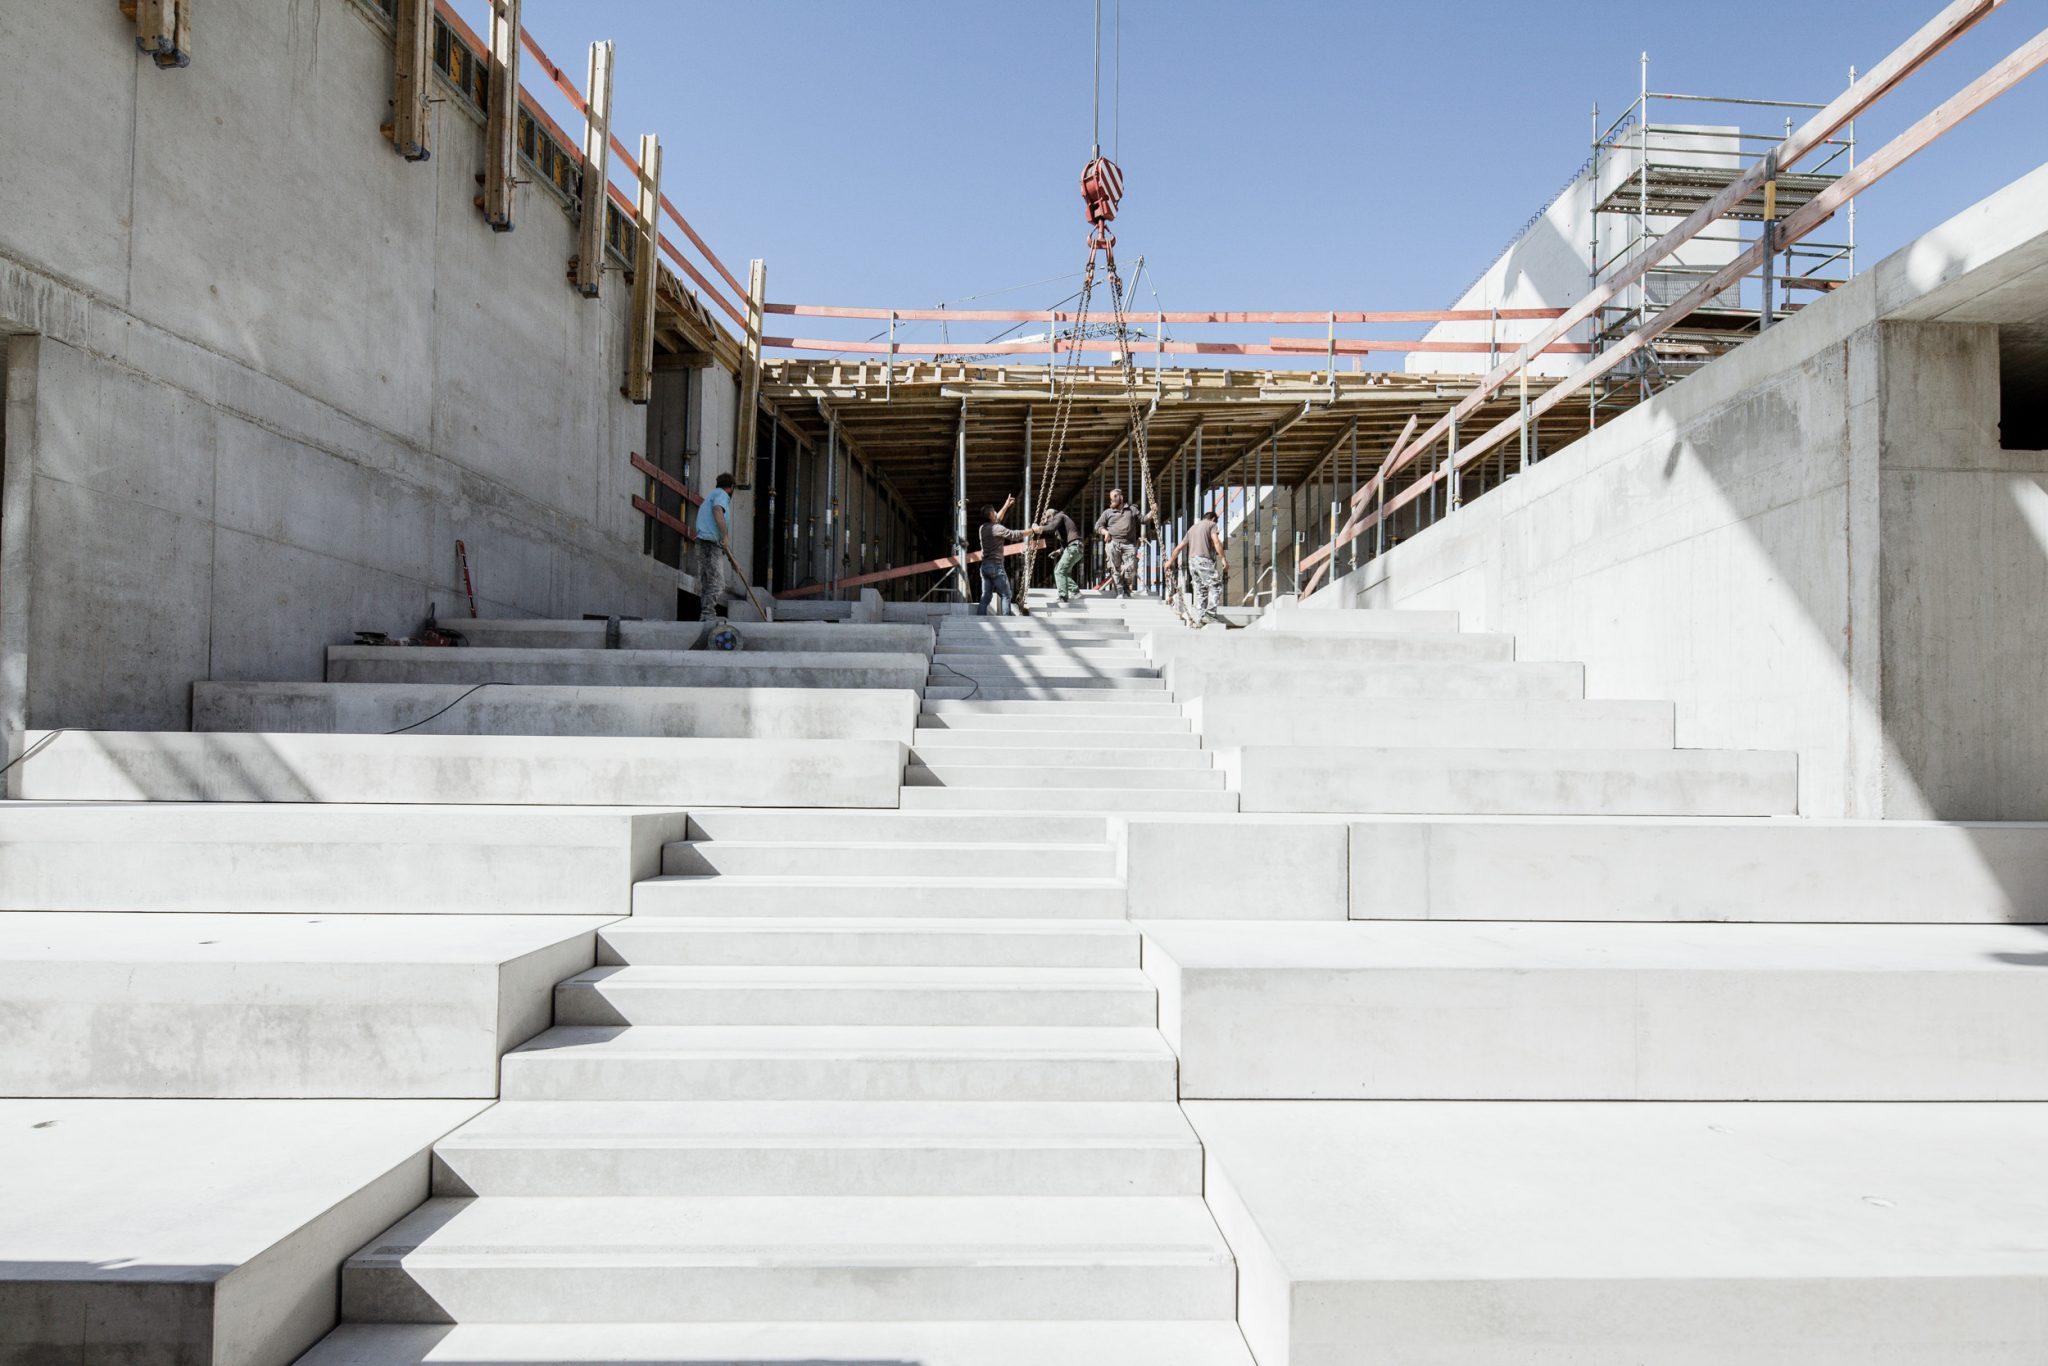 Mit der Treppe wird langsam der künftige Marktplatz der Paul Winter Schule sichtbar